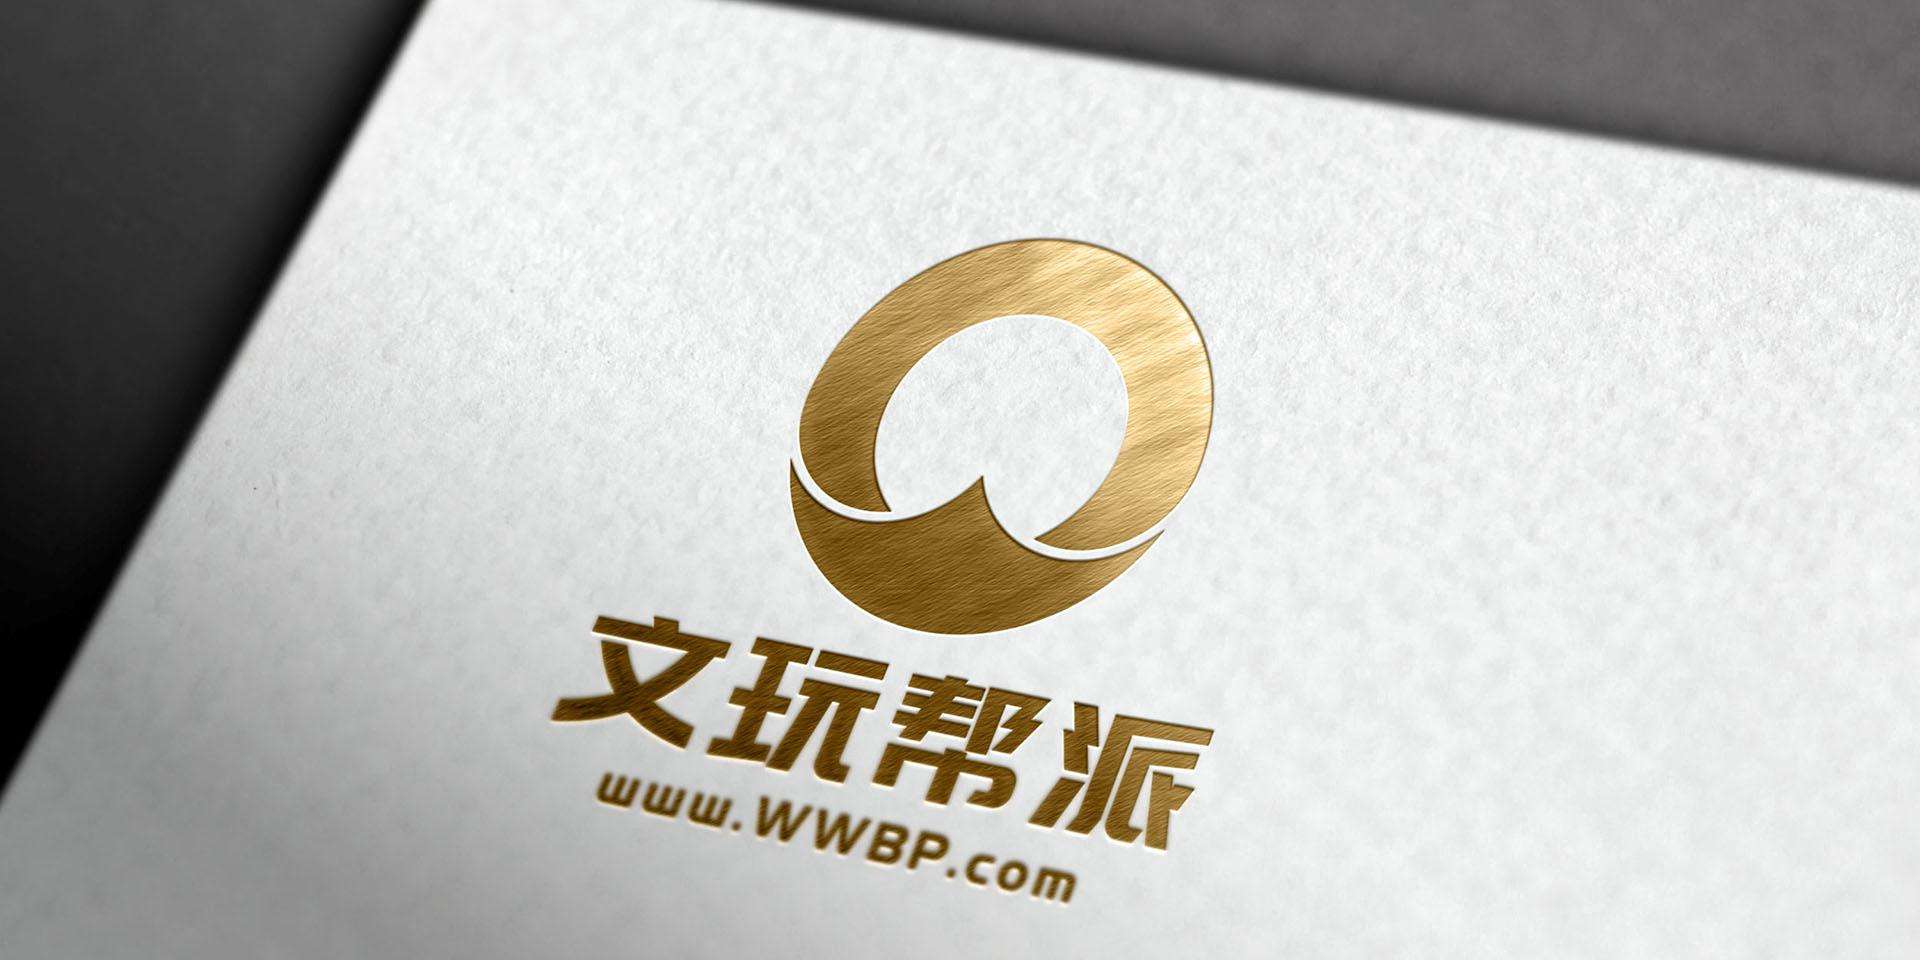 赏玩道——文玩帮派 WWBP.com